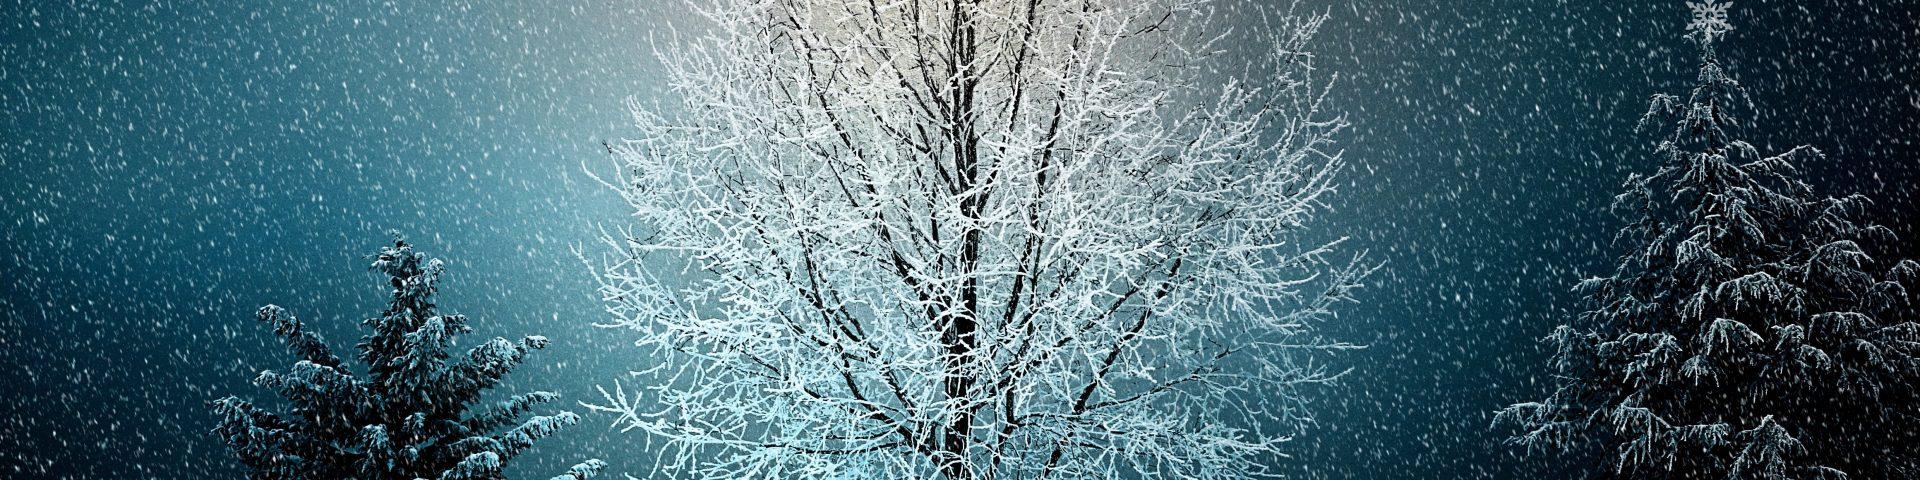 winter 2896970 1920x480 - Boże Narodzenie - wierzenia i tradycje